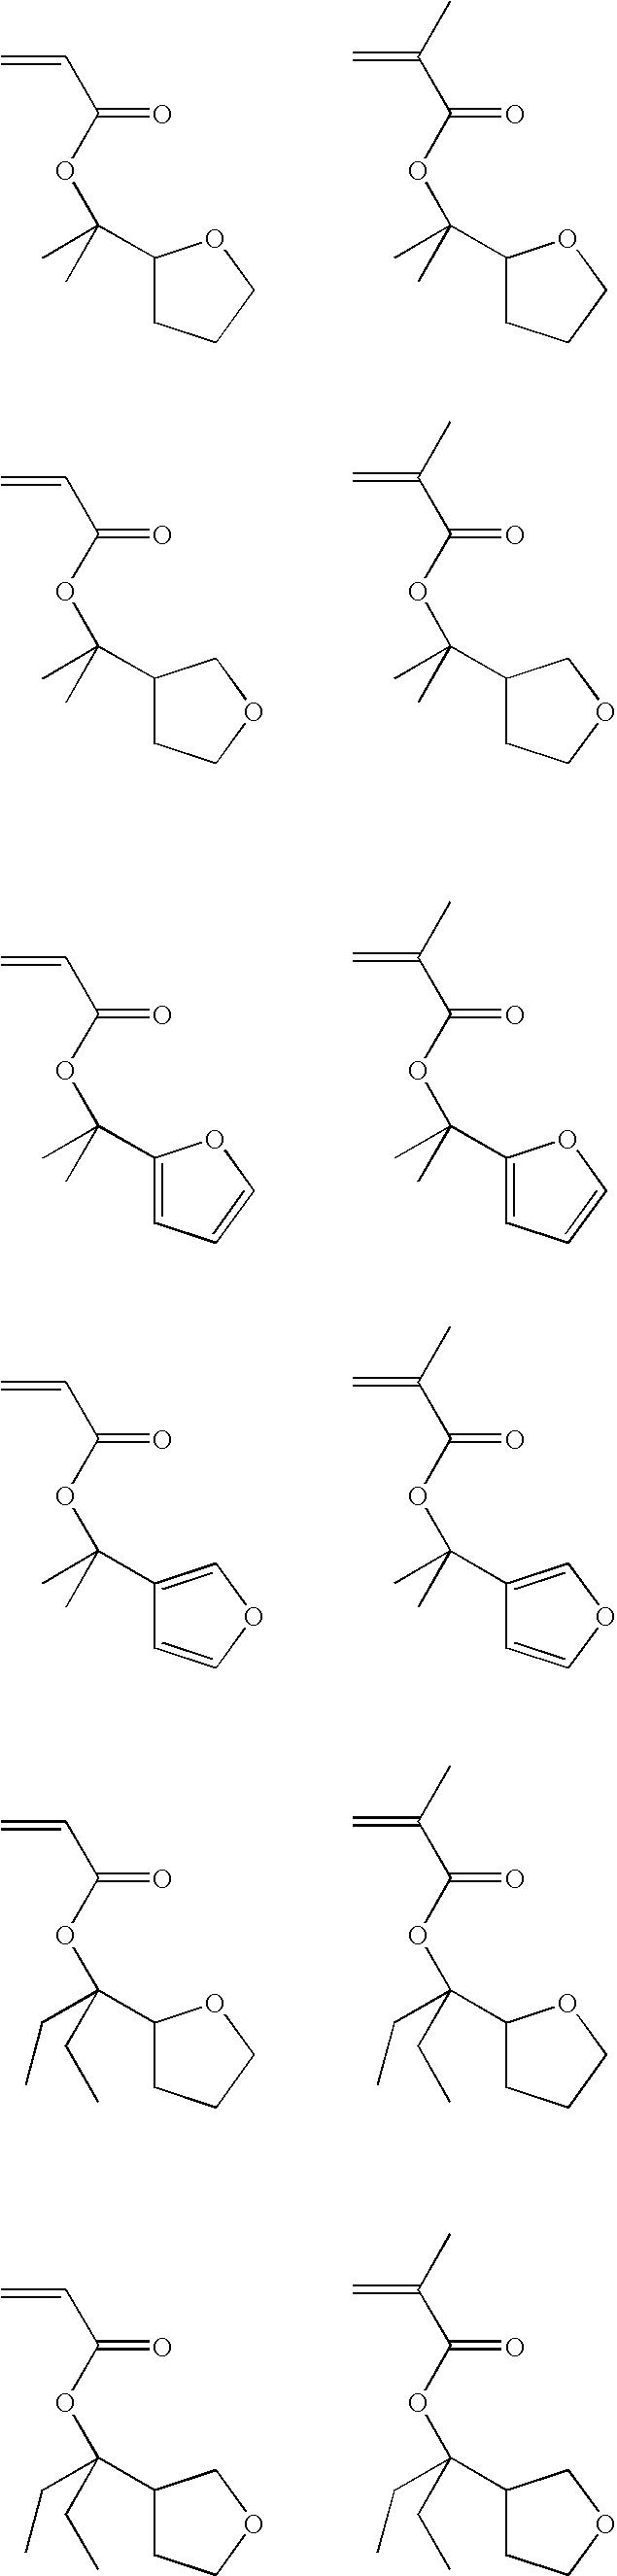 Figure US07368218-20080506-C00024